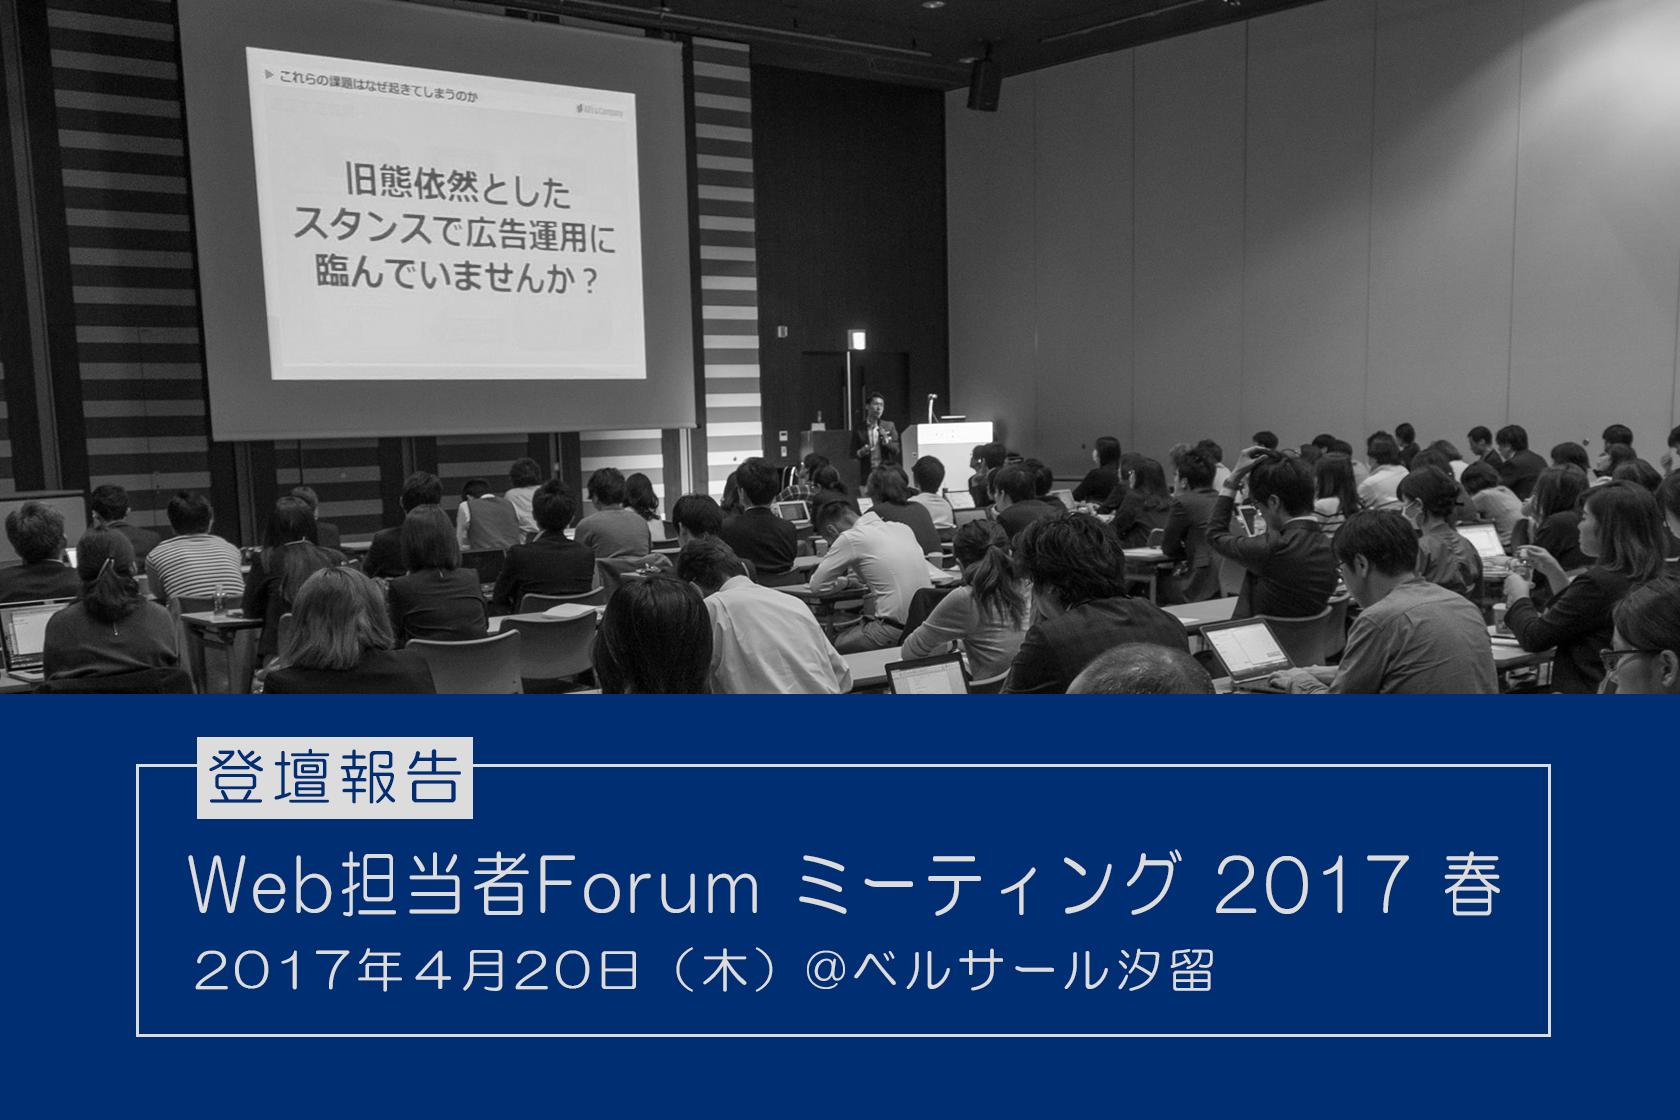 『Web担当者Forum ミーティング 2017 春』に登壇しました